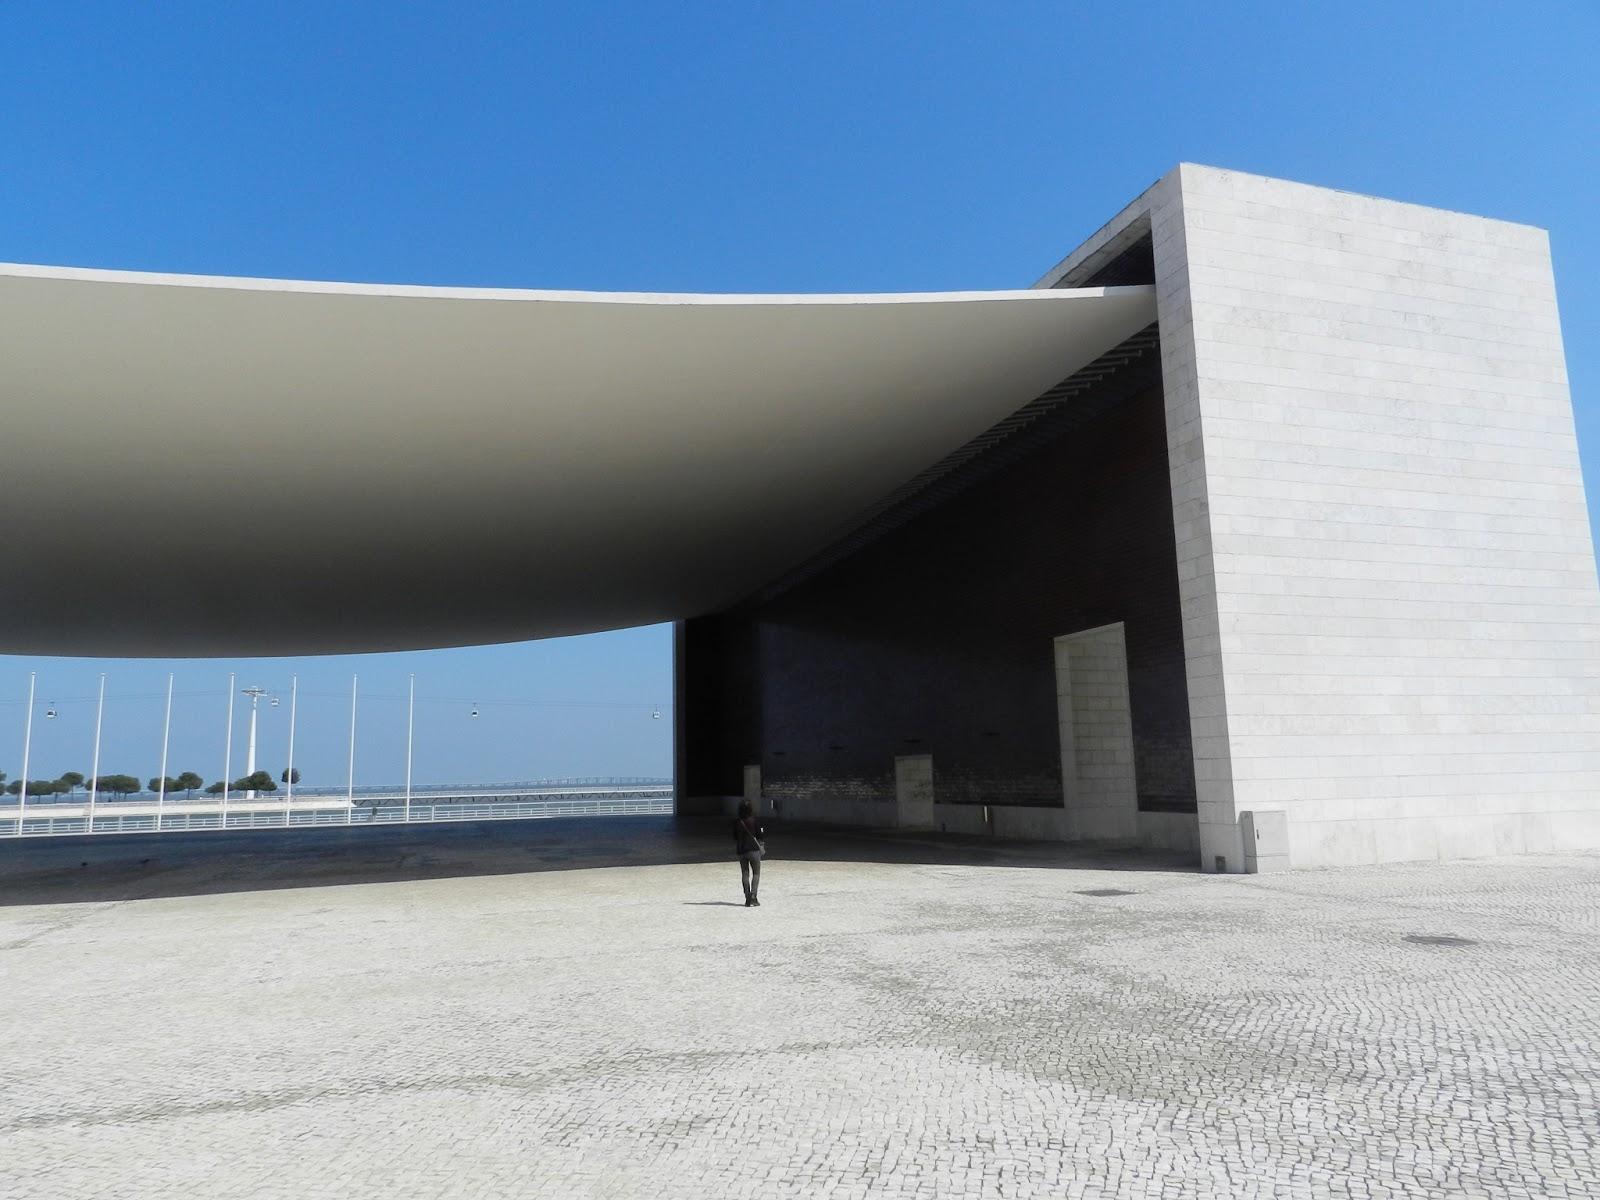 travailler   u00e9tudier au portugal  photos  u0026quot parque das na u00e7 u00f5es